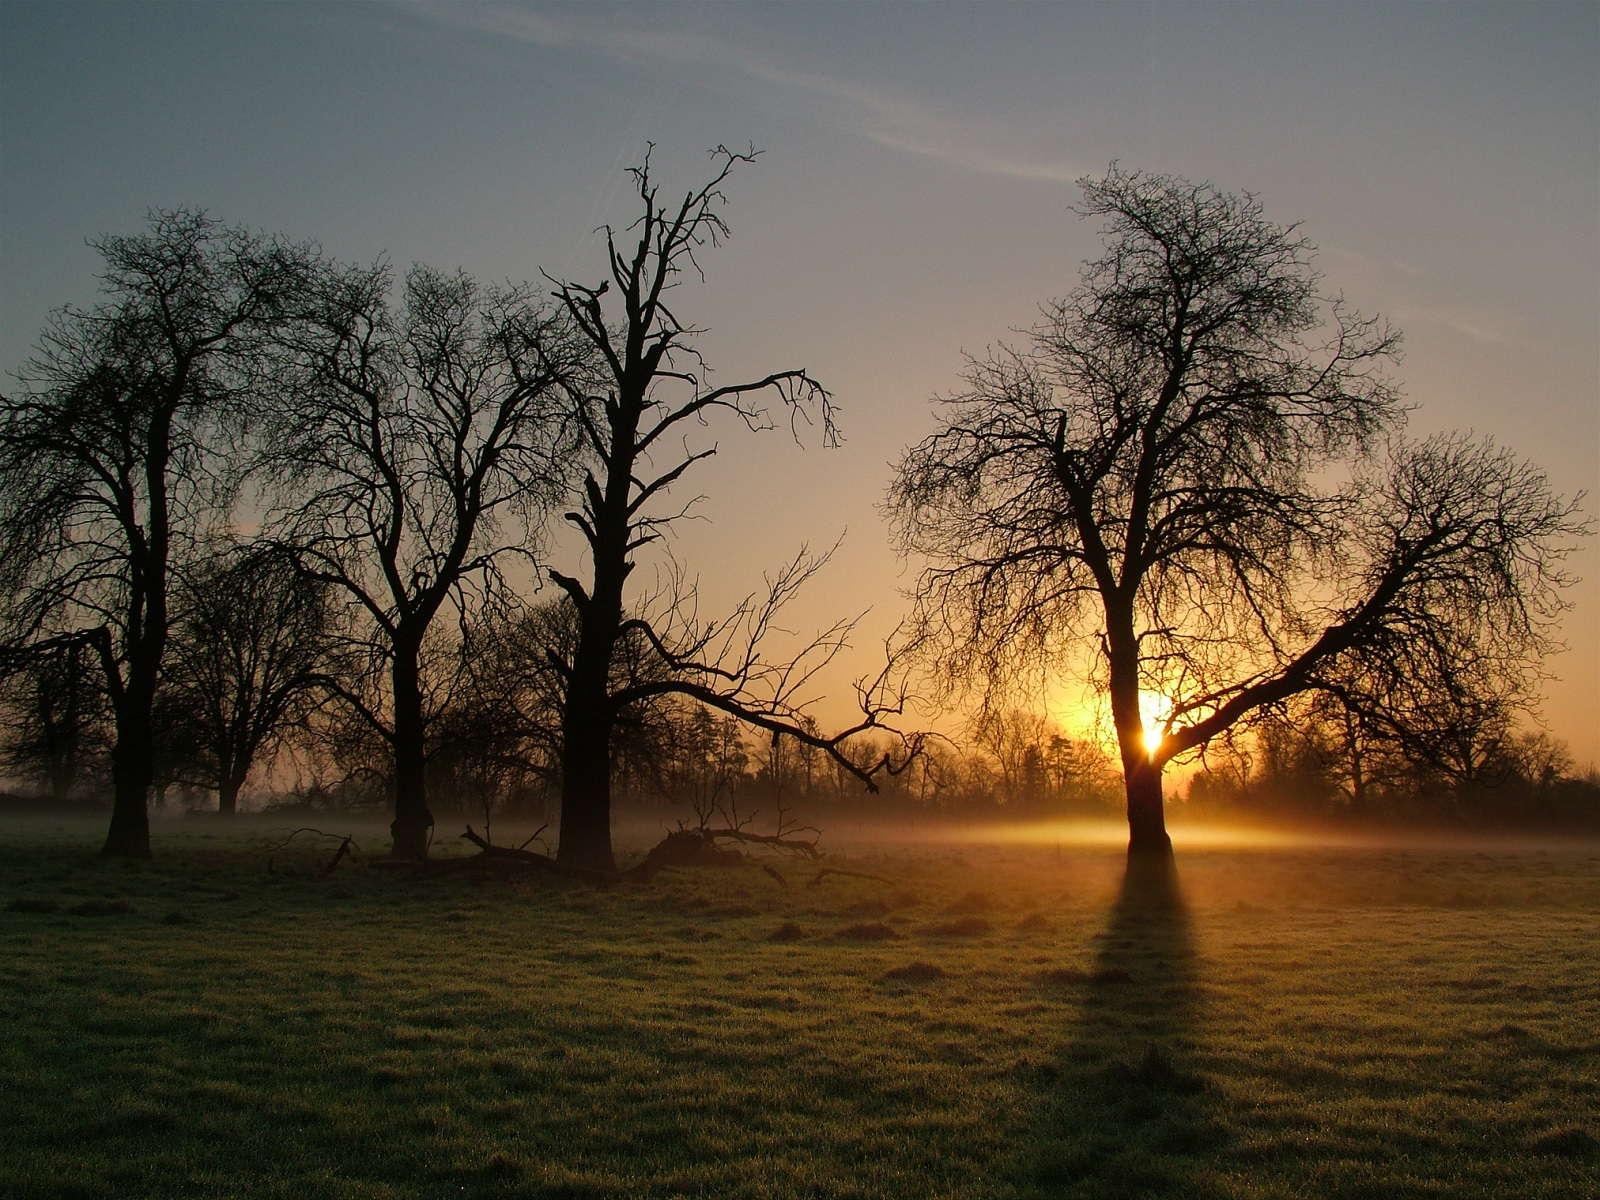 بالصور صور منظر طبيعي , اجمل صور الطبيعة الرائعة 3003 4